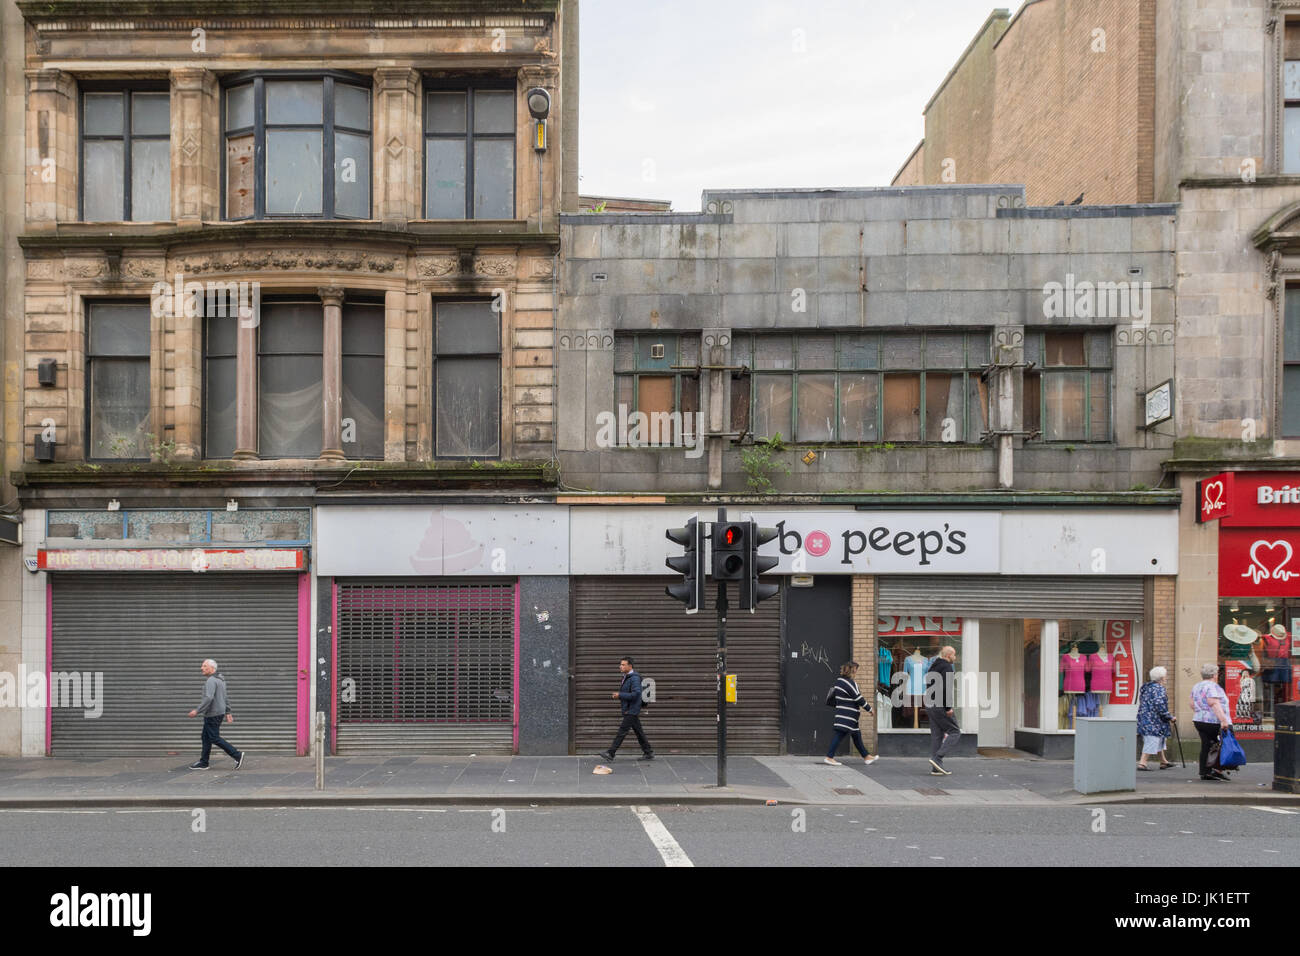 Negozi di vuoti e di proprietà commerciali e fatiscenti edifici su Trongate, Glasgow, Scotland, Regno Unito Immagini Stock